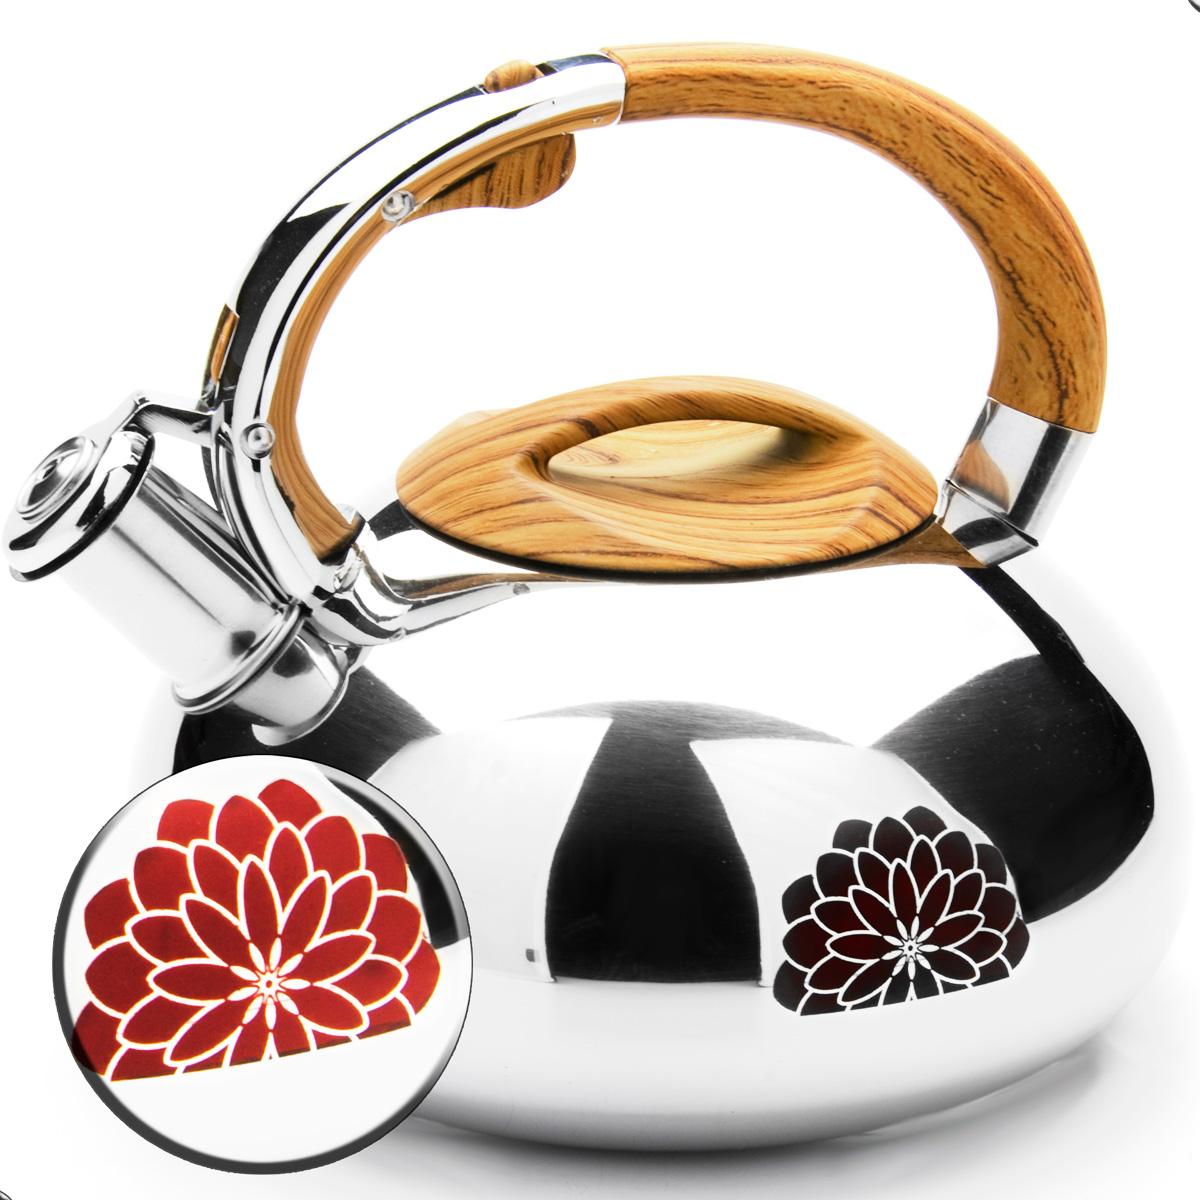 Чайник Mayer & Boch, со свистком, цвет: коричневый, 2,9 л. 2359068/5/3Чайник Mayer & Boch выполнен из зеркальной нержавеющей стали высокой прочности. Чайник оснащен откидным свистком, который громко оповестит о закипании воды. Удобная эргономичная ручка и крышка выполнены из нейлона. Такой чайник идеально впишется в интерьер любой кухни и станет замечательным подарком к любому случаю. Подходит для всех типов плит, включая индукционные. Можно мыть в посудомоечной машине. Диаметр чайника по верхнему краю: 10 см. Диаметр индукционного диска: 17 см. Высота чайника (с учетом ручки): 20 см.